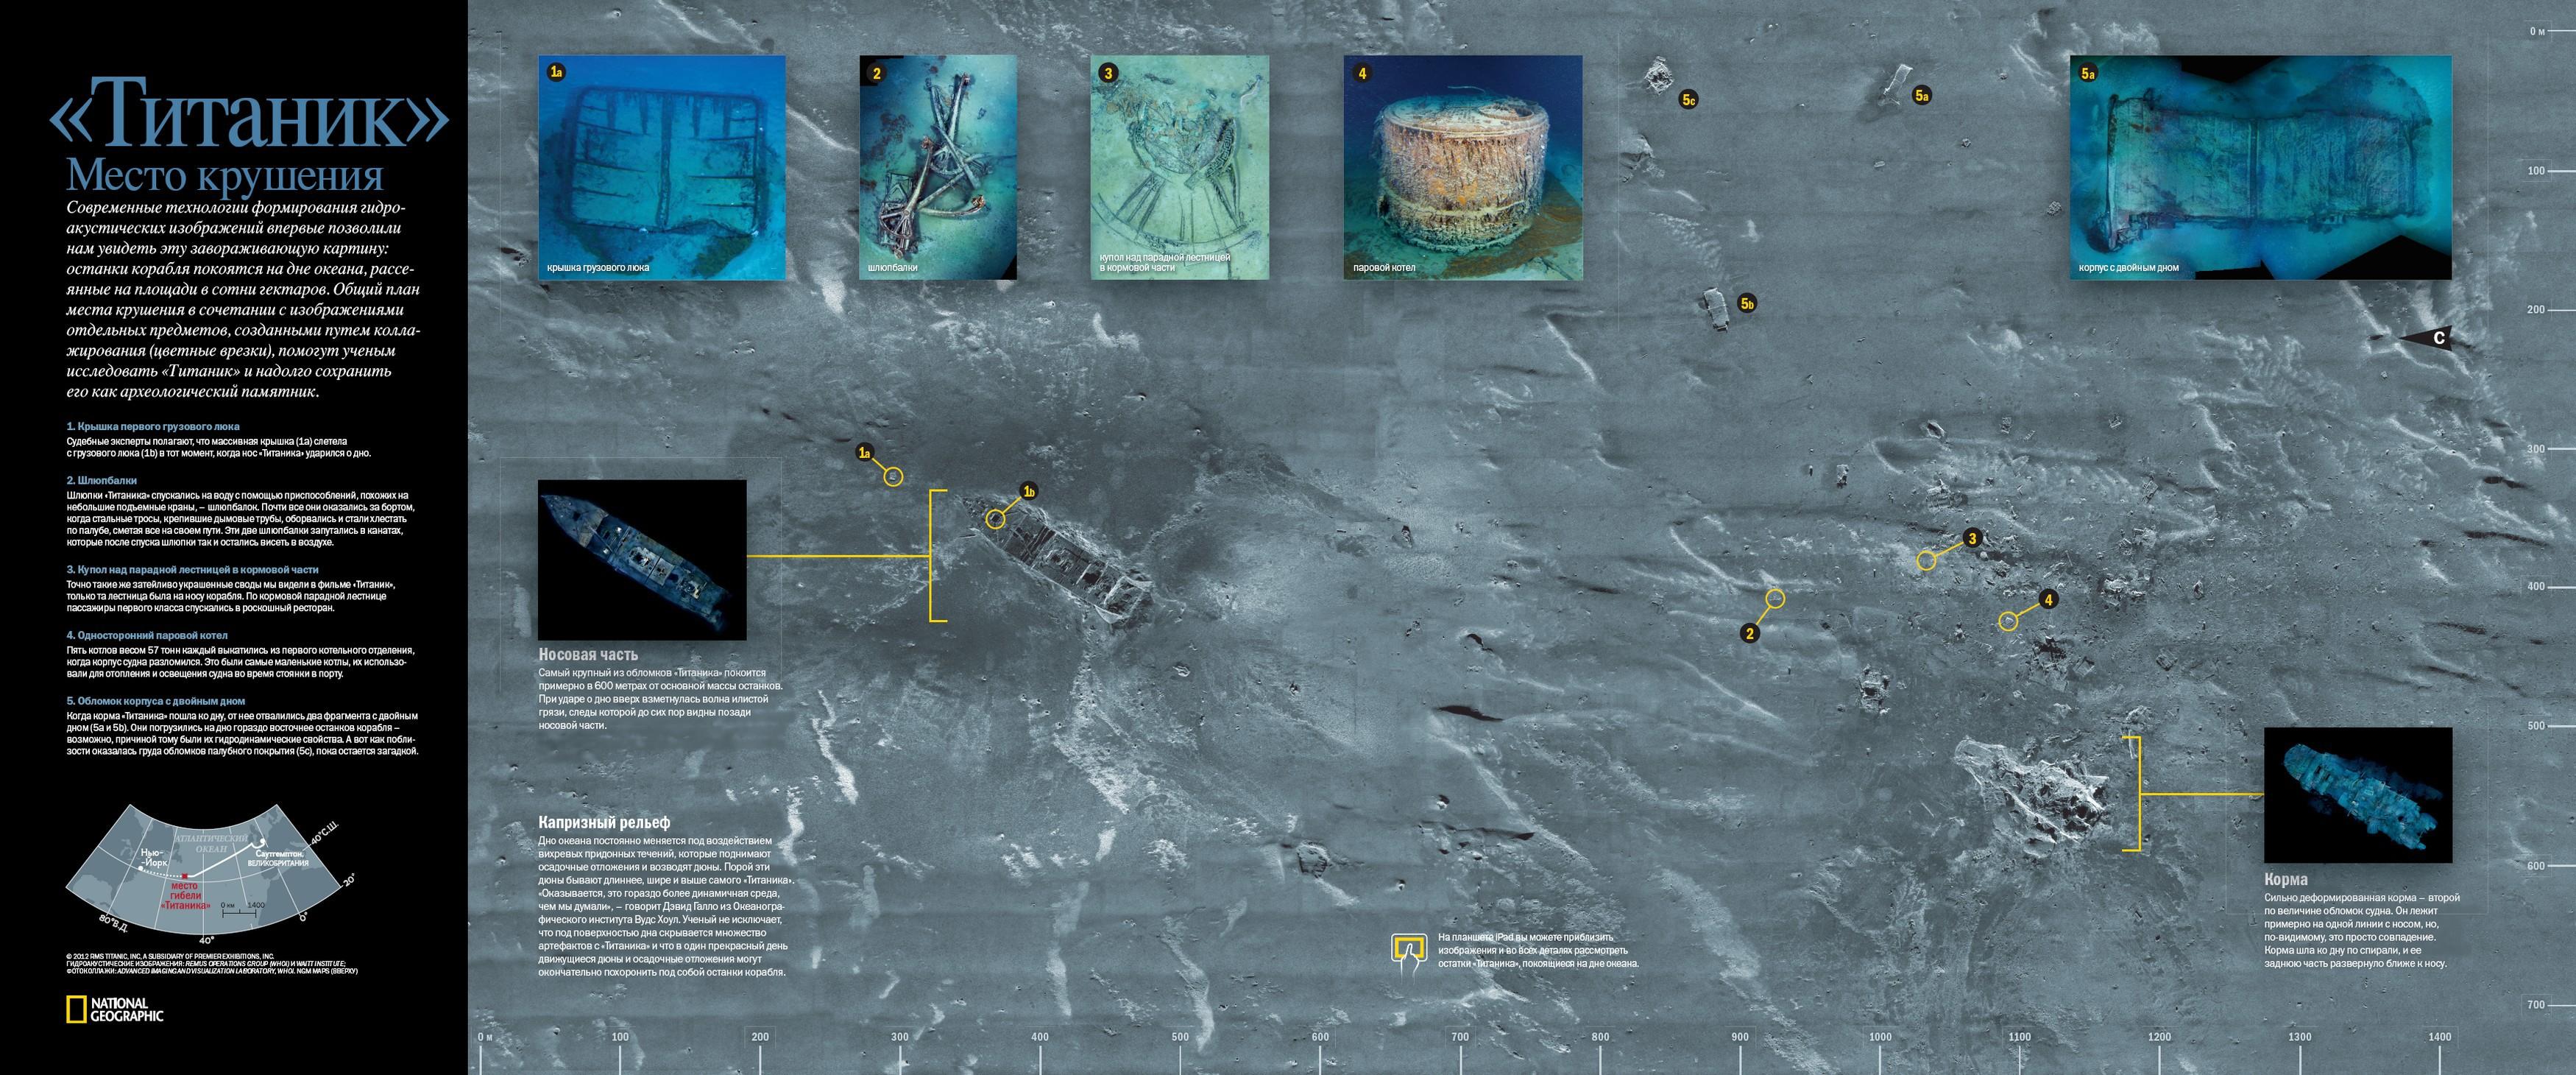 Карта місця катастрофи «Титаніка»